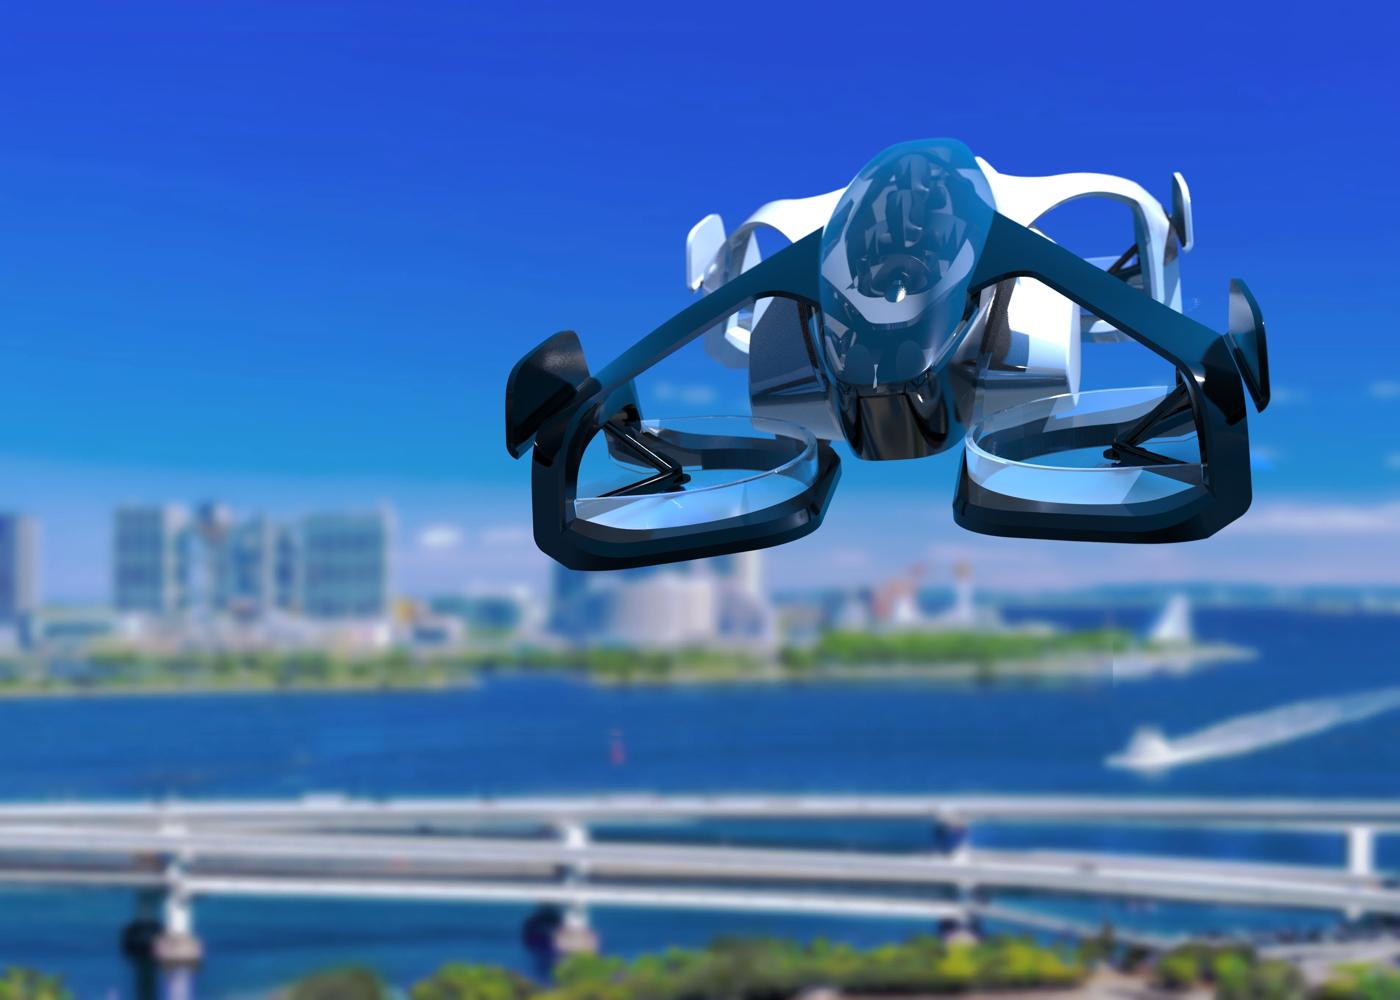 SkyDrive concept eVTOL